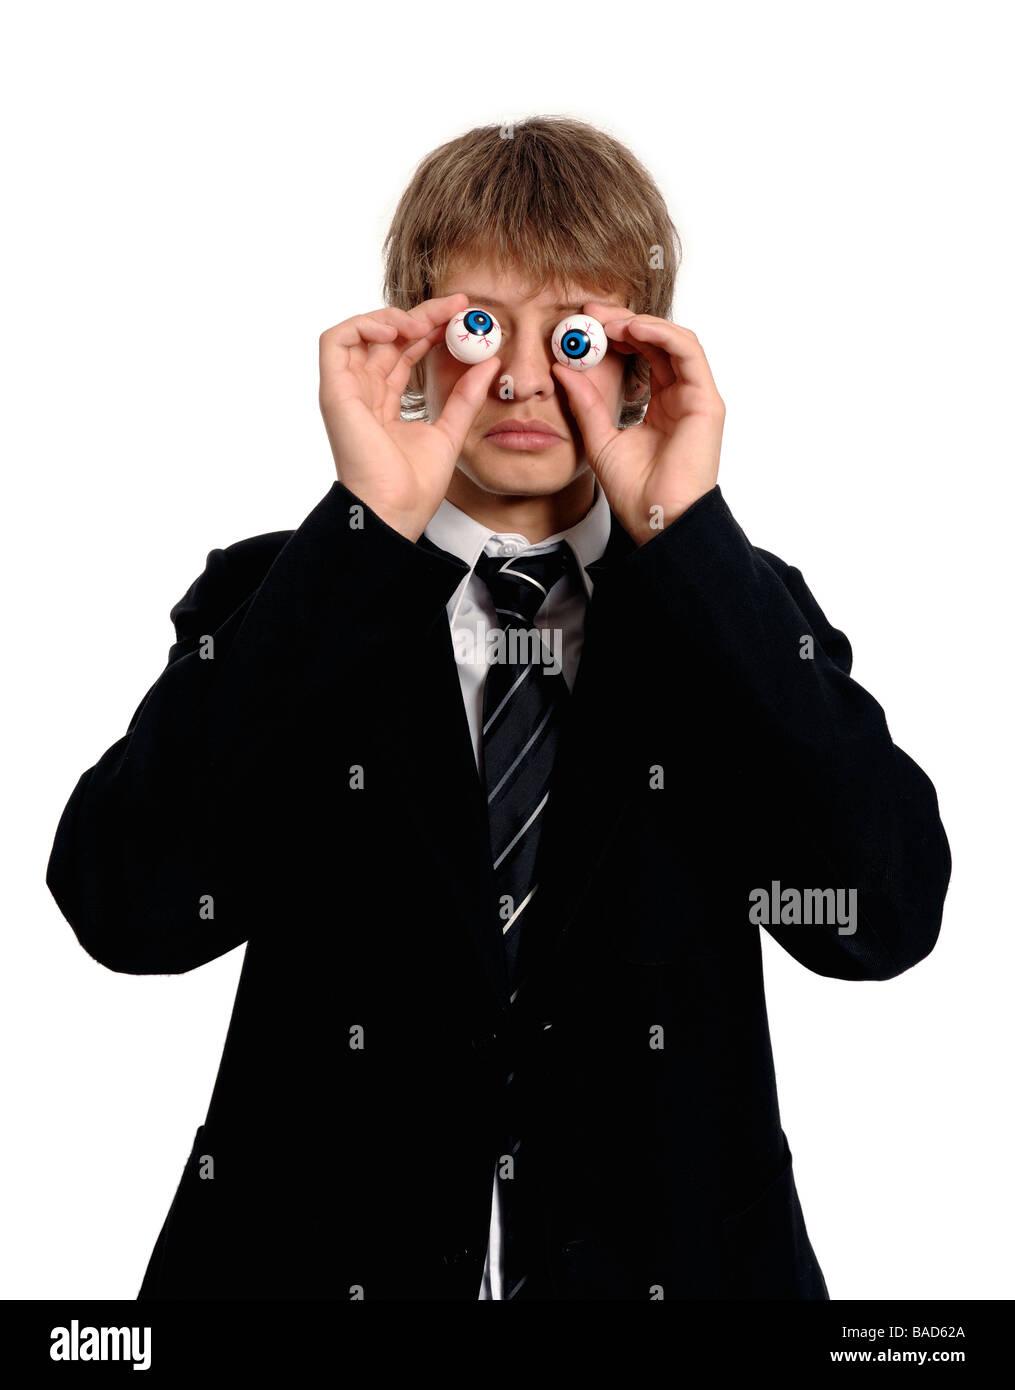 El colegial mantiene broma ojos Imagen De Stock